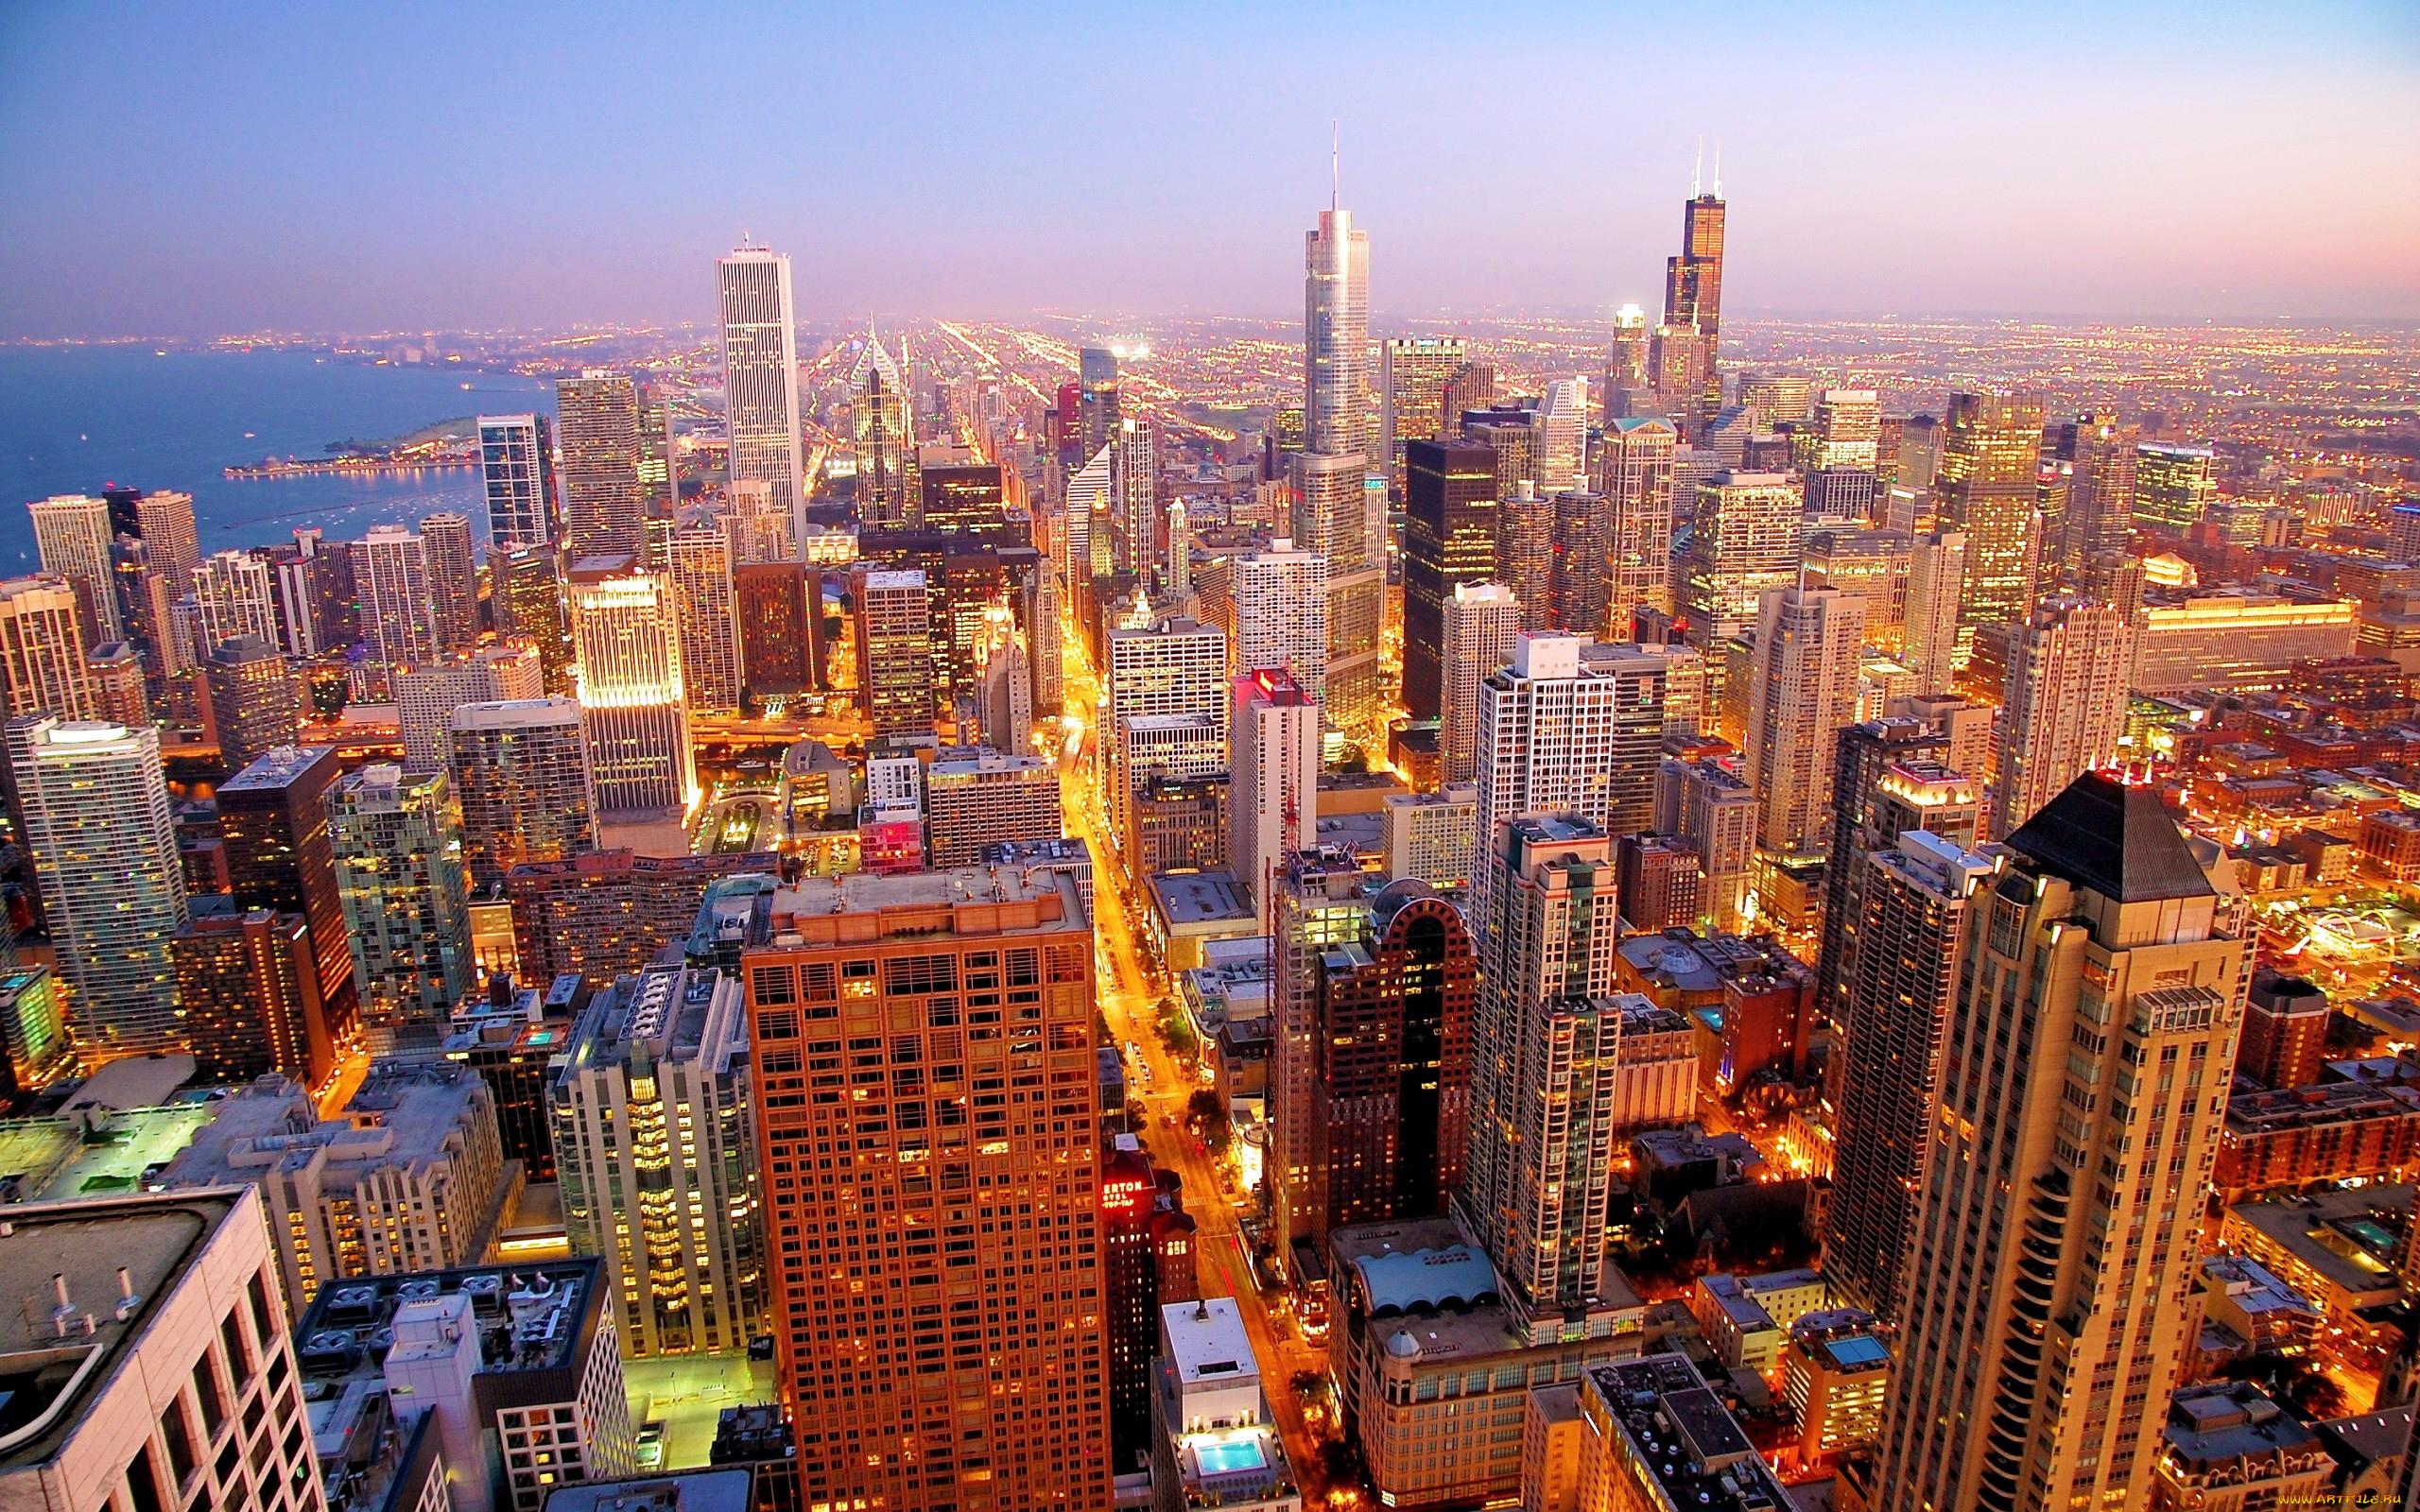 аккуратно фото города с большим разрешением тогда такое время